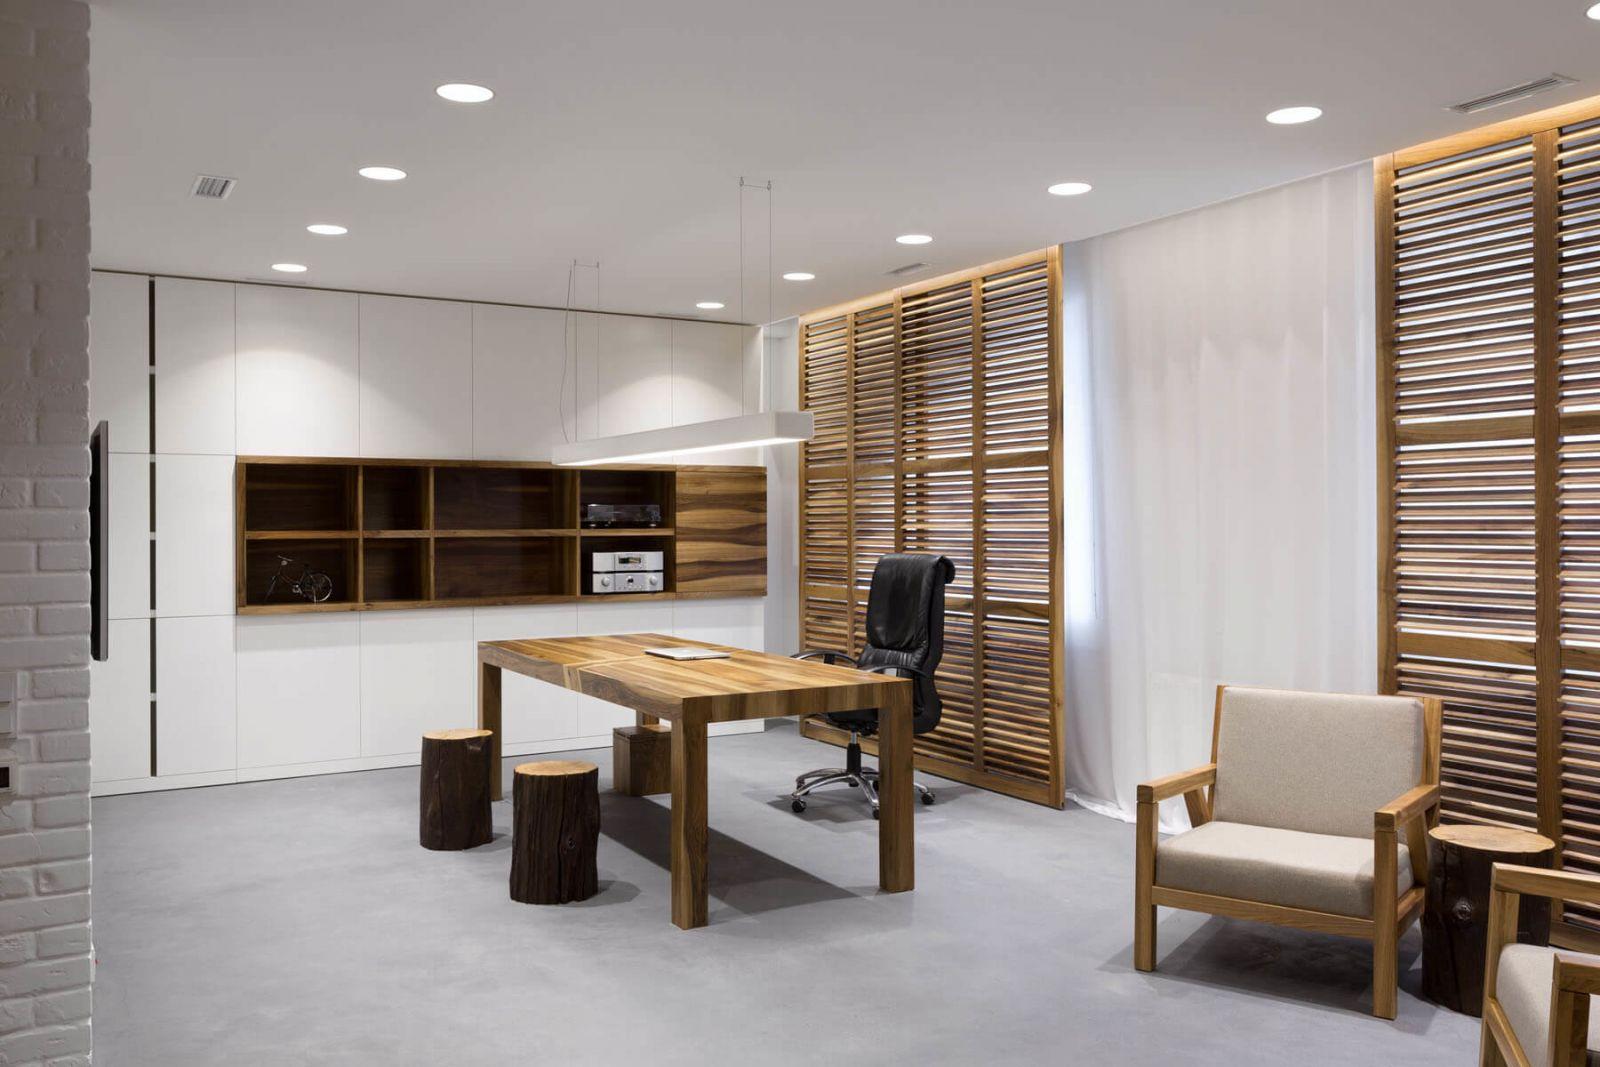 В кабинете предусмотрено место для работы и отдыха. Кроме того, здесь предусмотрен отдельный санузел